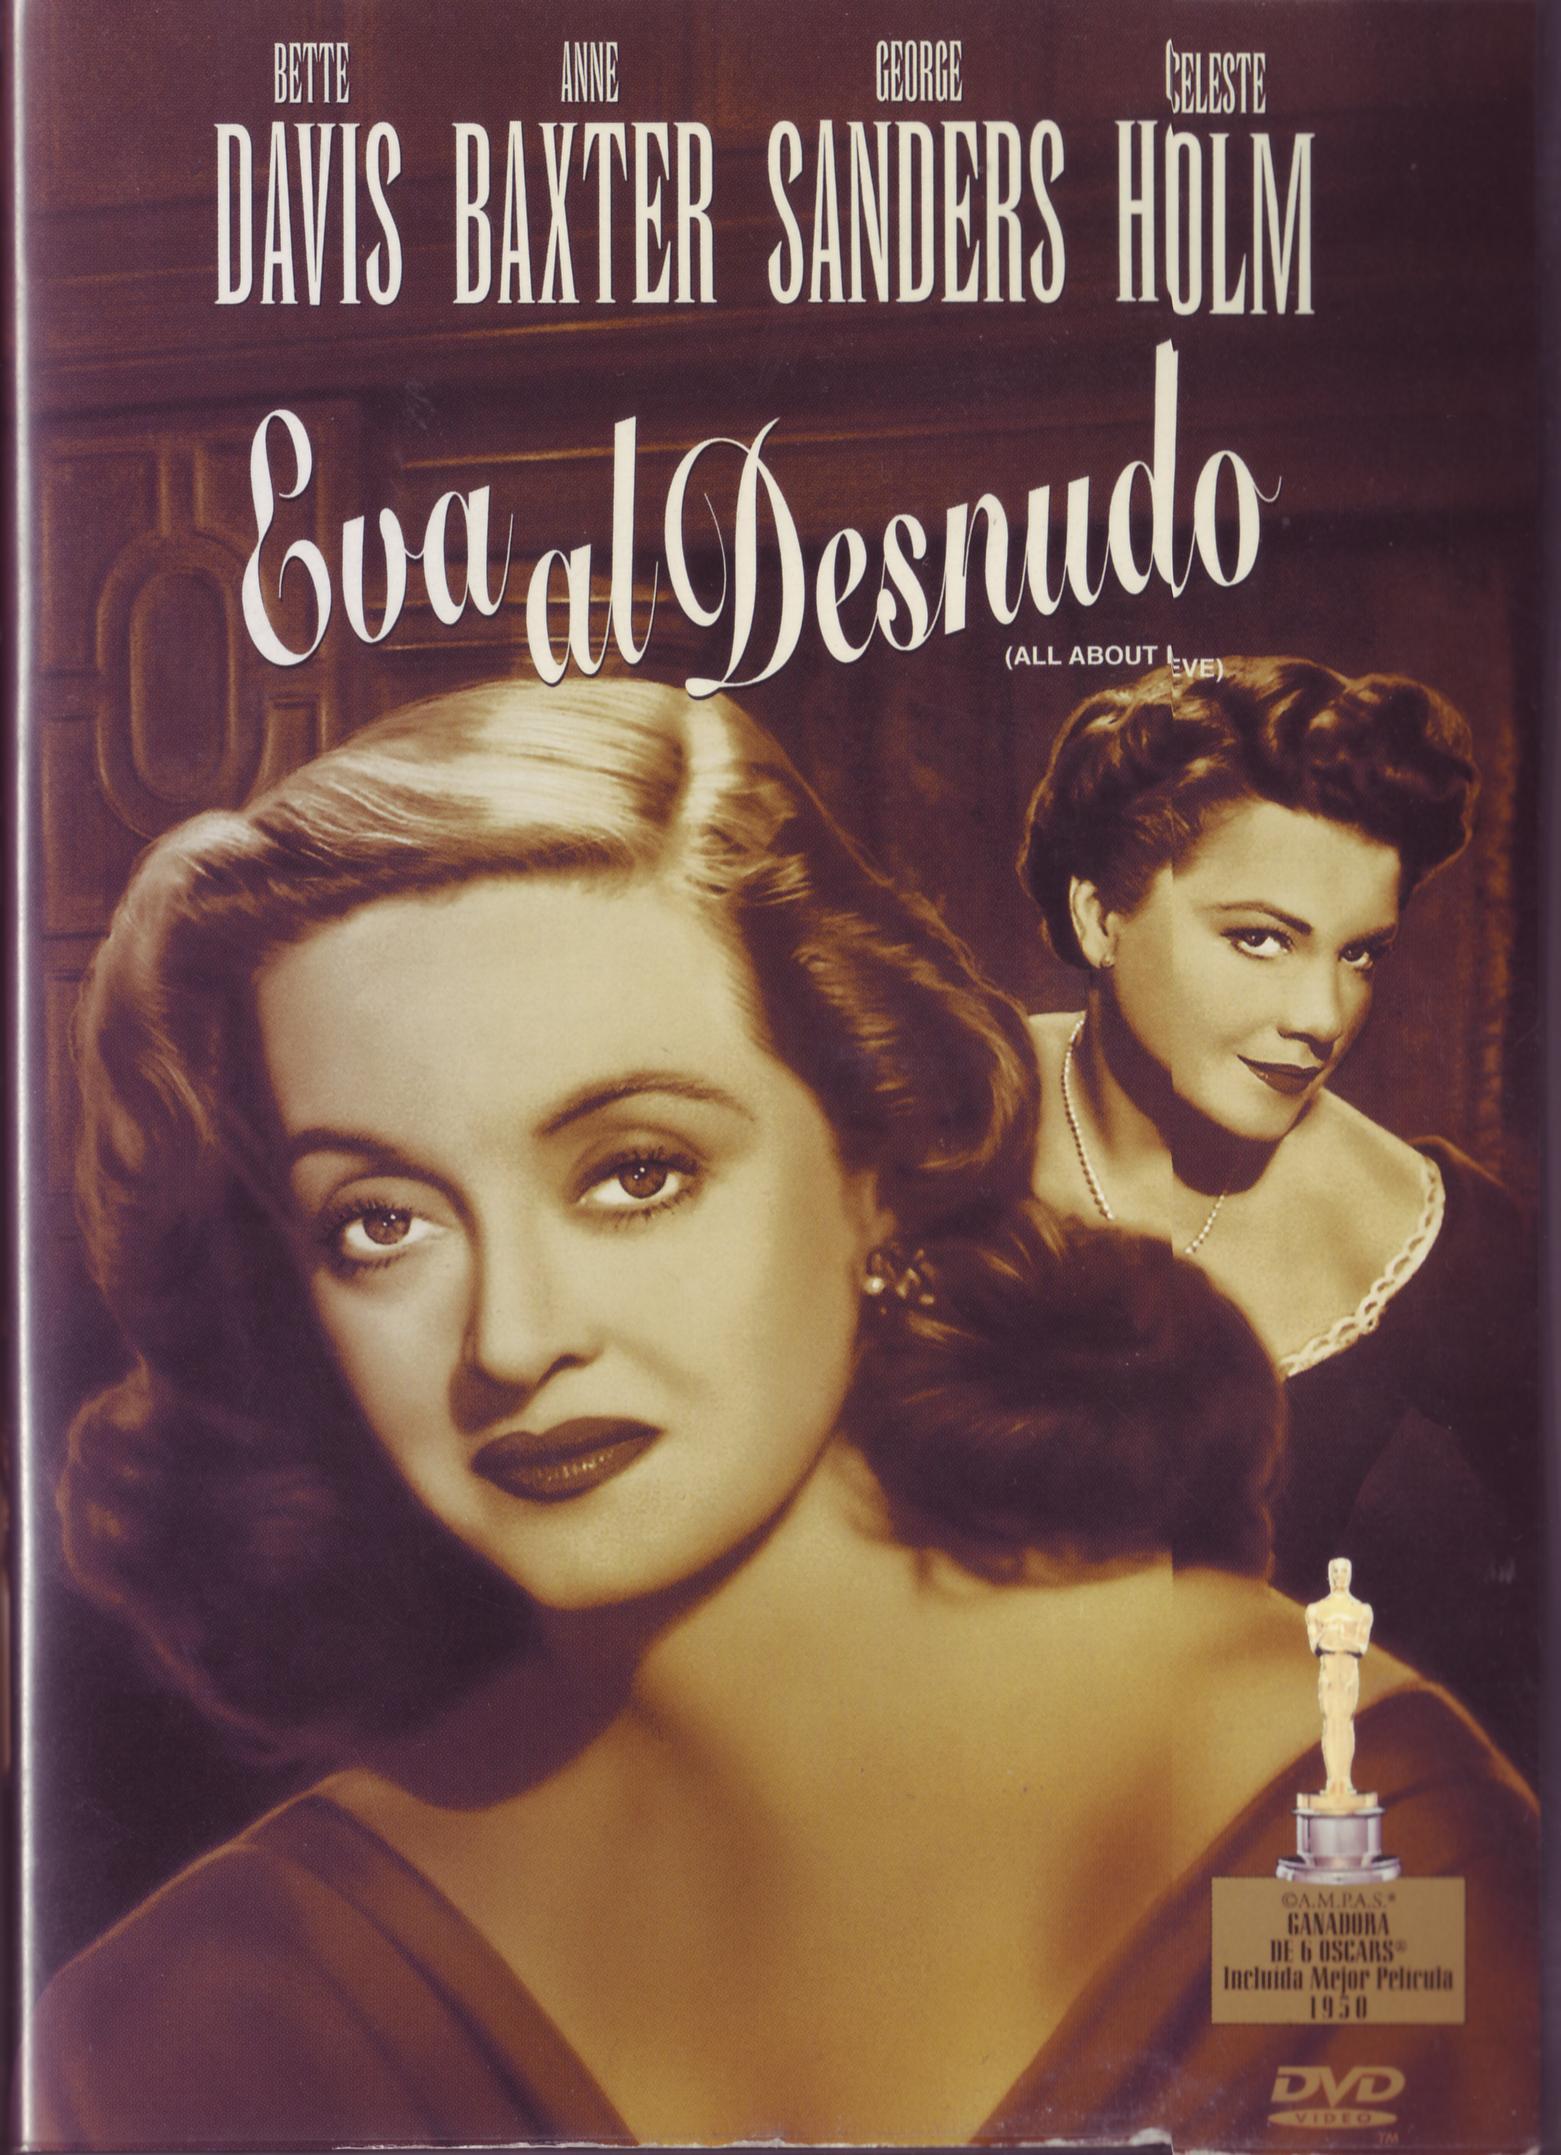 Películas de los años 50 Eva_al_desnudo